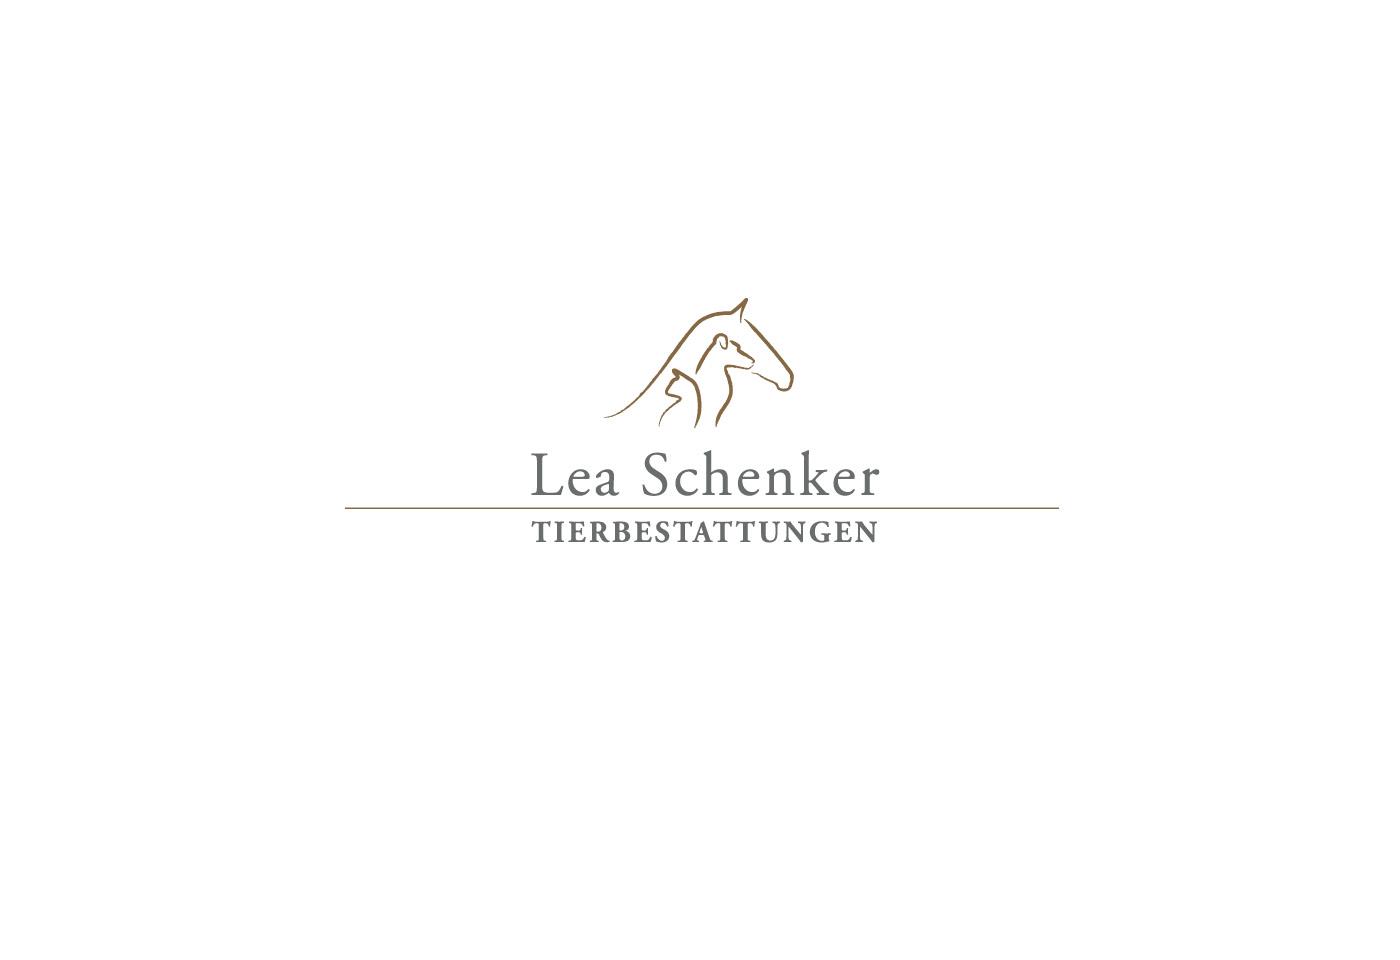 Lea Schenker – Tierbestattungen